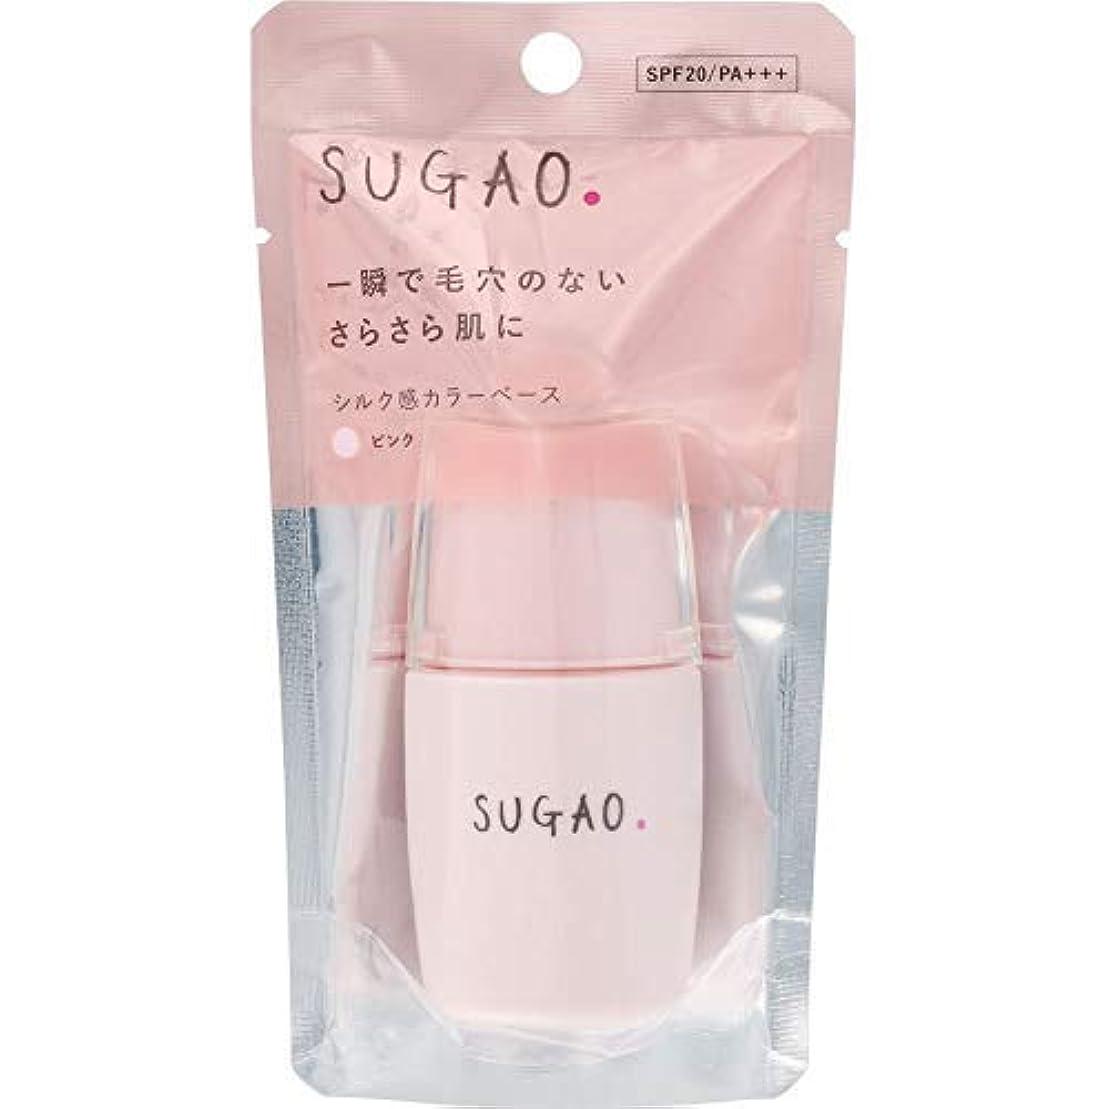 まだらピアノ場合SUGAO シルク感カラーベース ピンク × 2個セット